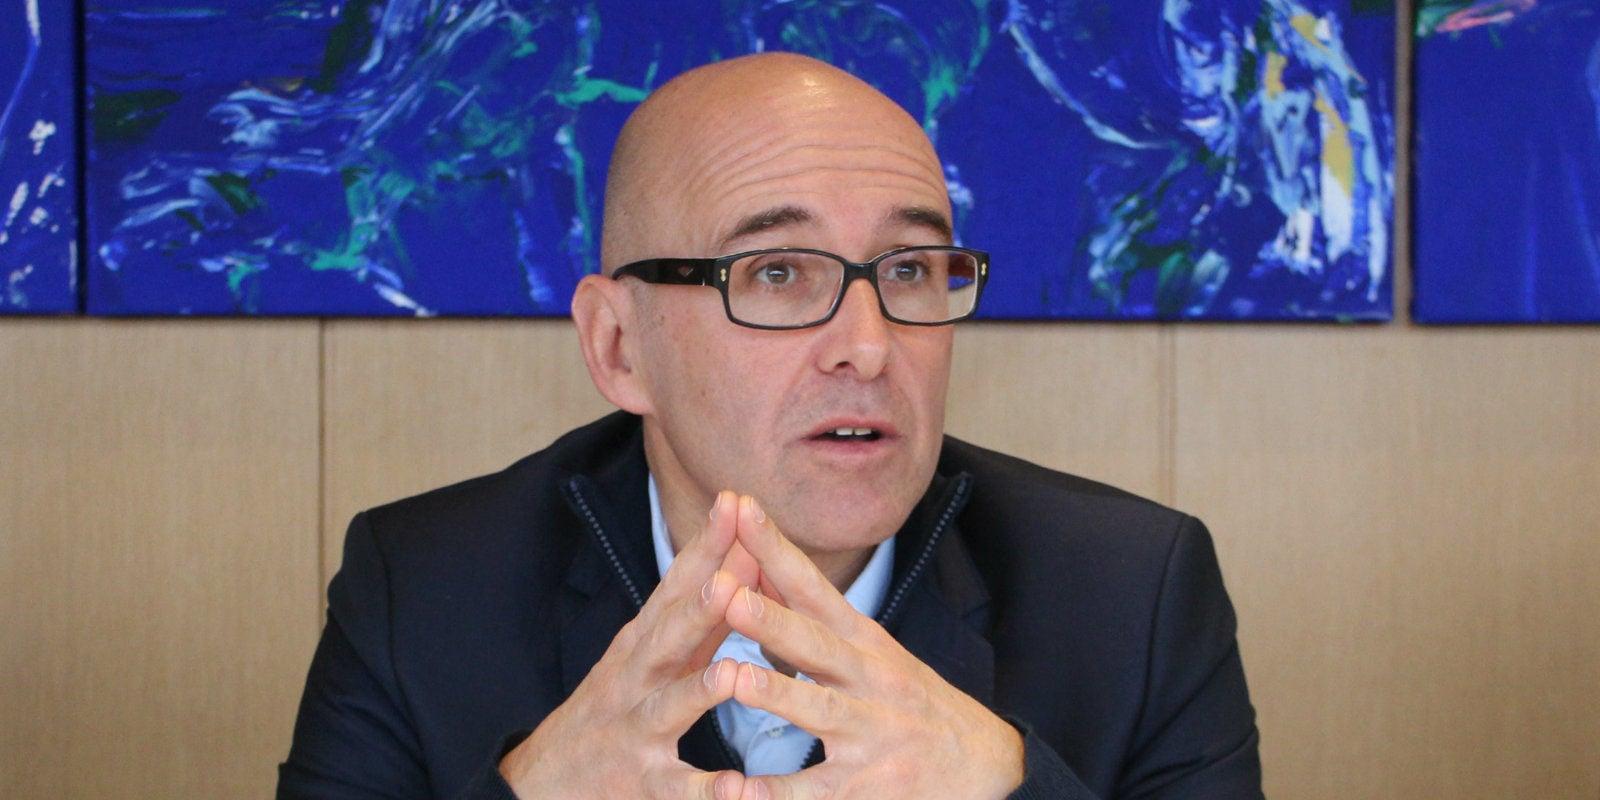 Les départements alsaciens alertent à nouveau l'État à propos des mineurs isolés étrangers